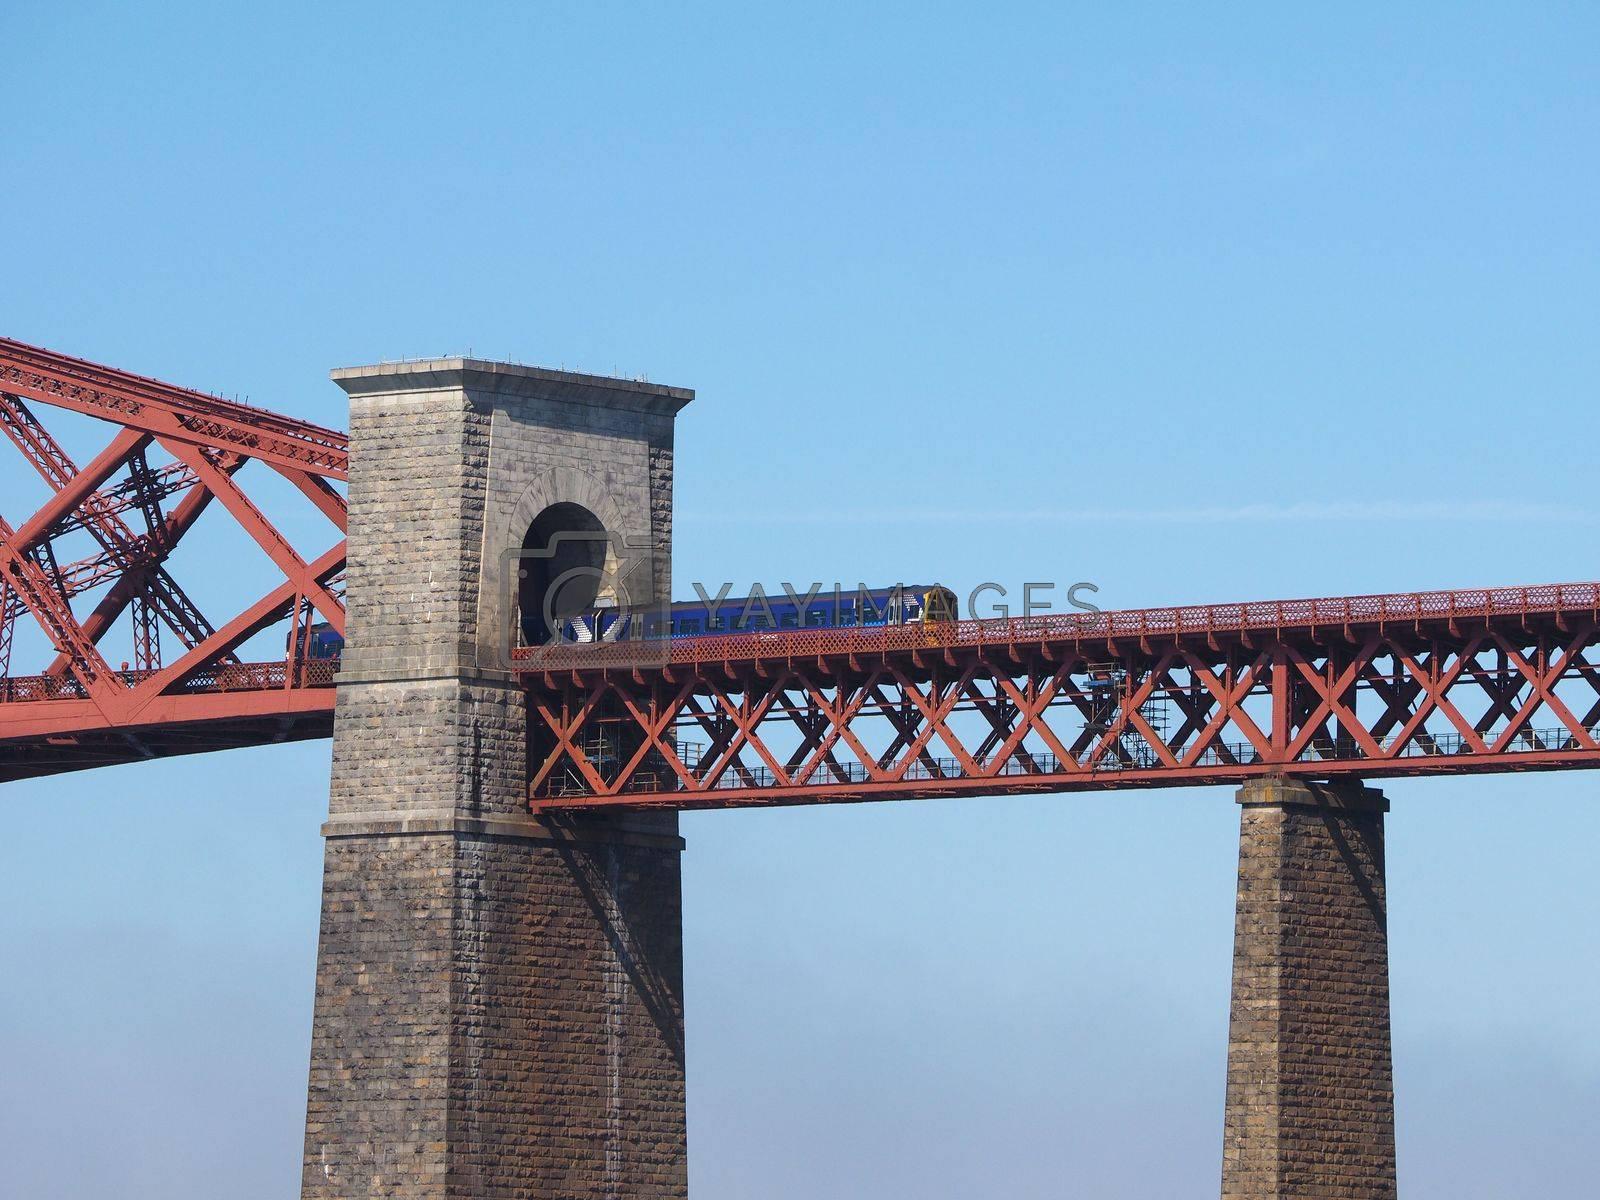 Forth Bridge over Firth of Forth in Edinburgh by claudiodivizia